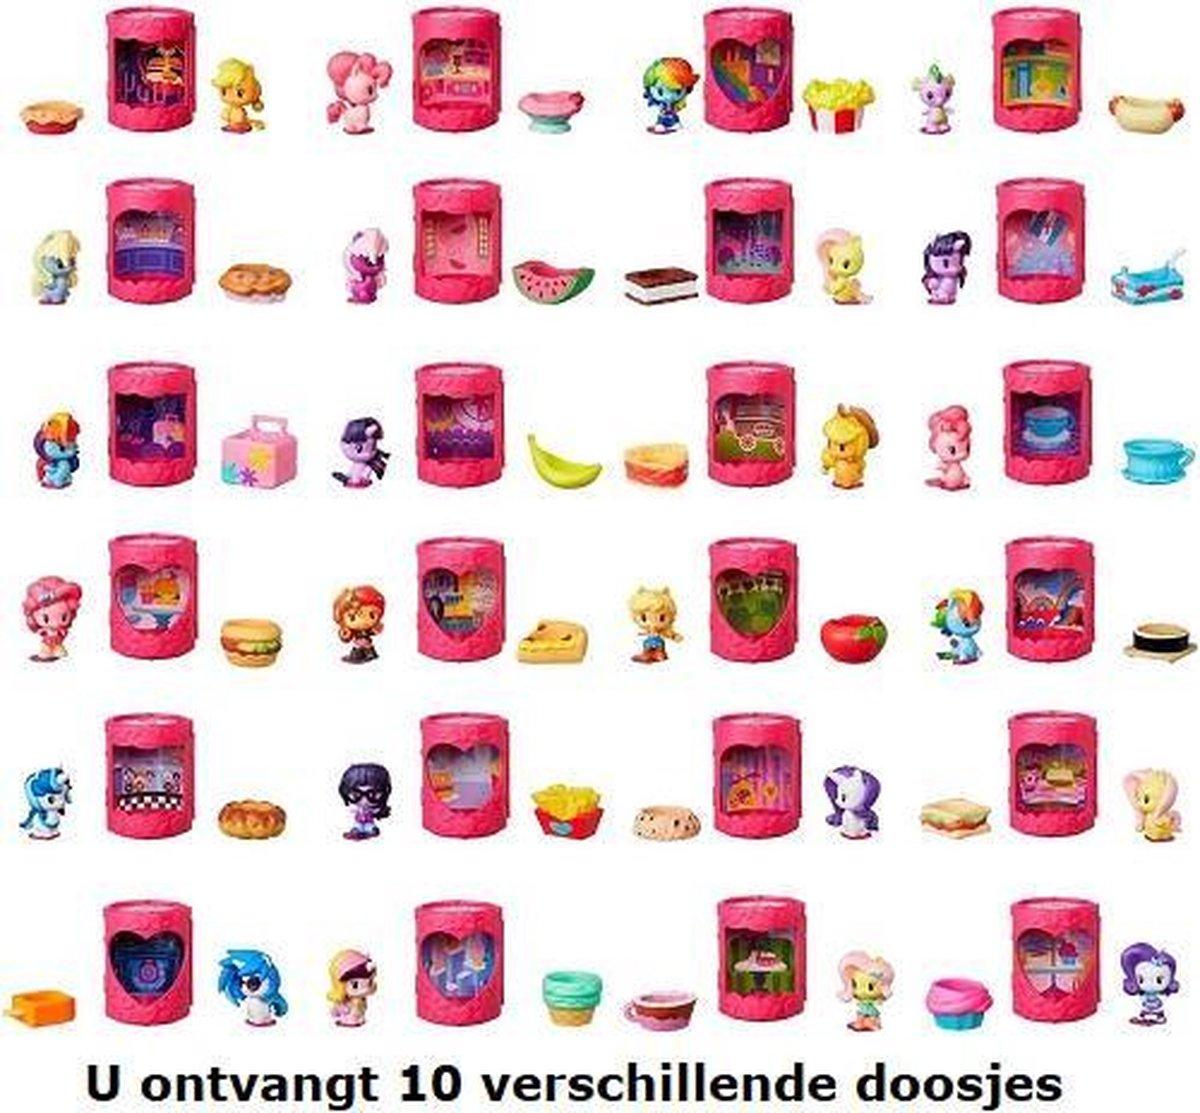 10 verschillende My Little Pony huisjes in de mix (Mysterypacks) ca 5 cm